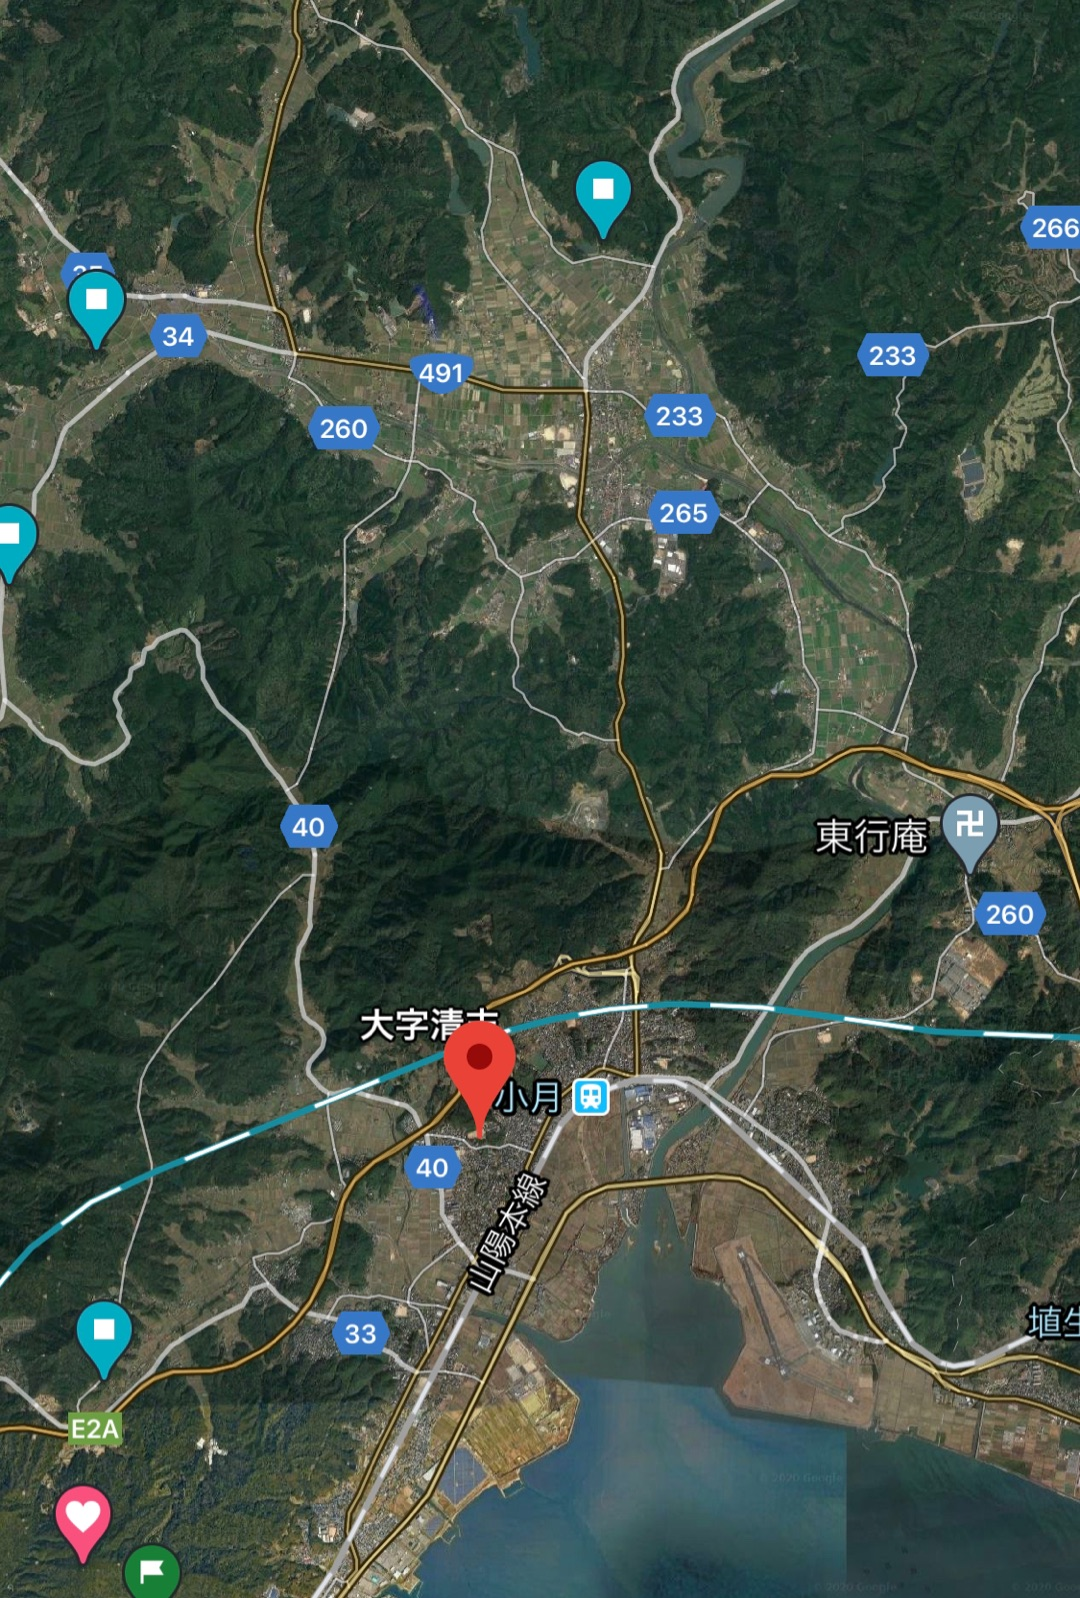 下関市清末にあった清末藩について | 日本の歴史と日本人のルーツ